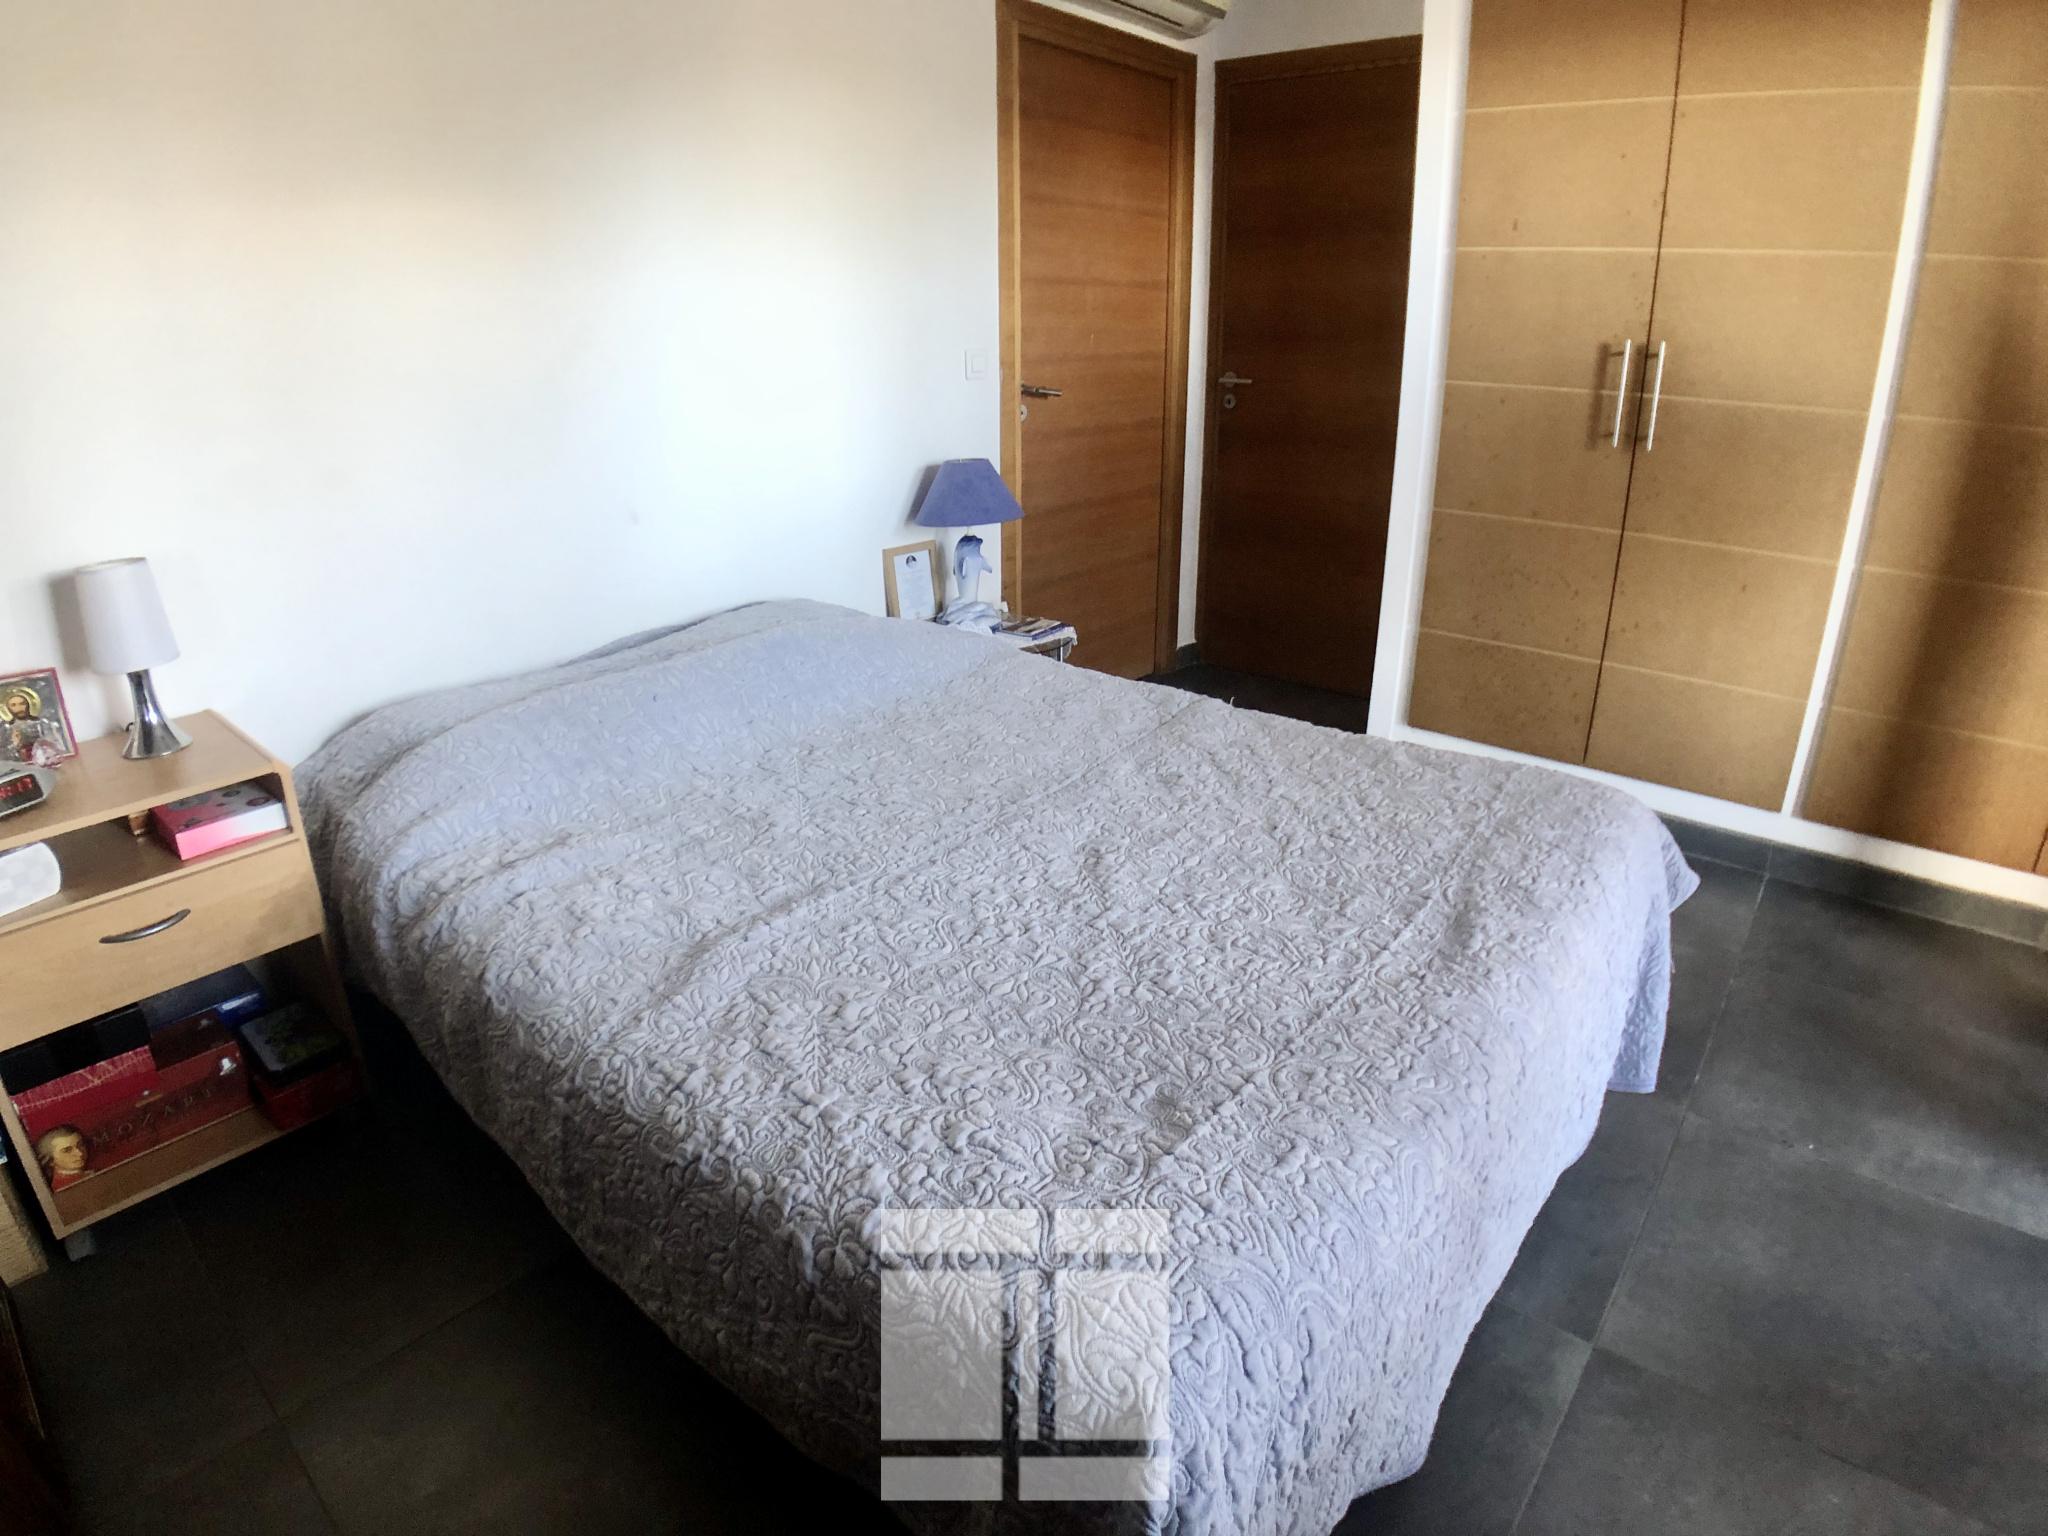 PORTO VECCHIO - Appartement T2 de 45m2 + garage - proche port et centre ville